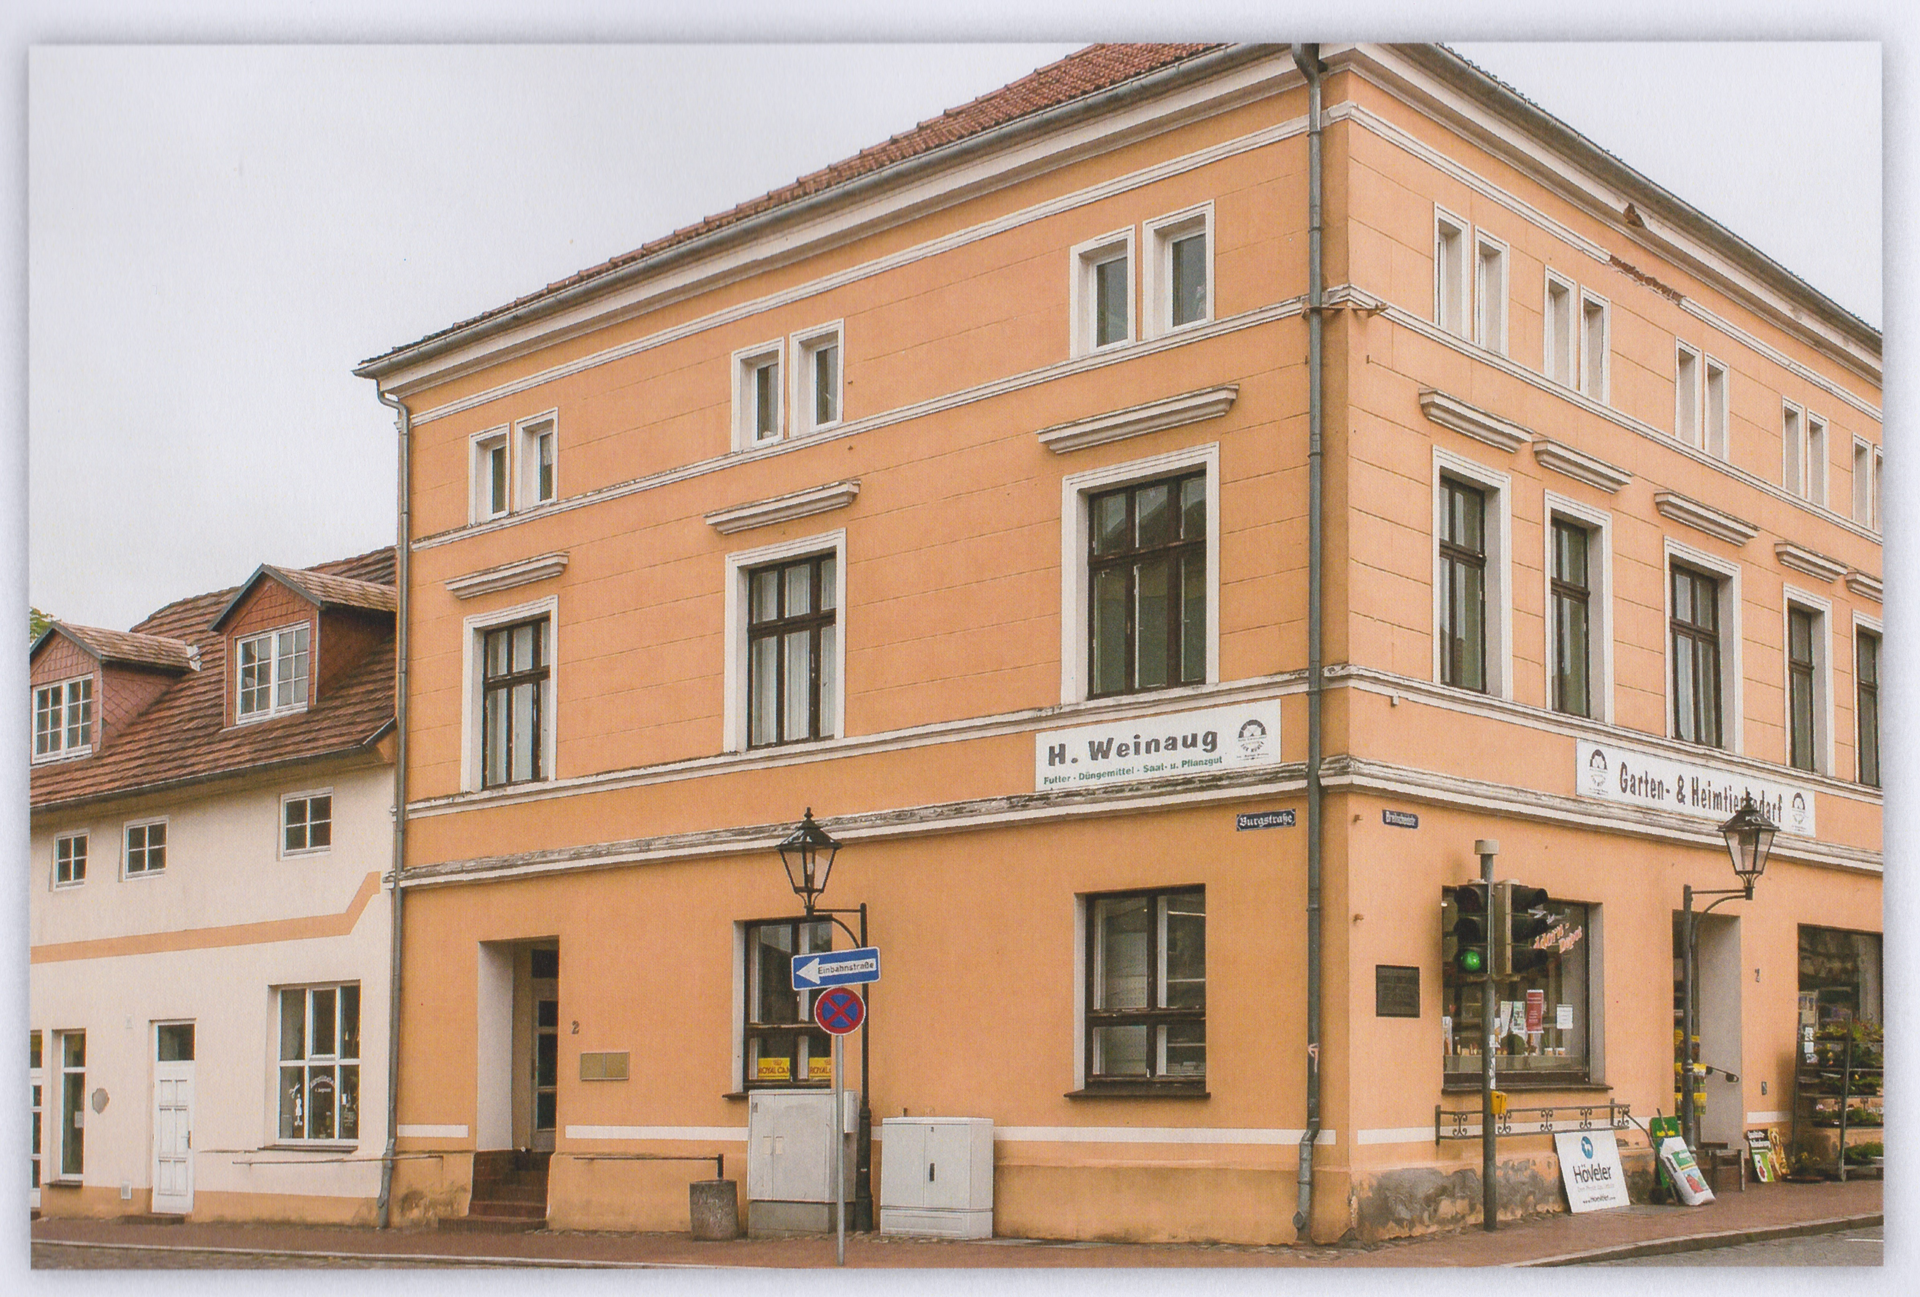 Hotel_Stadt_Hamburg_-_Weinaug2